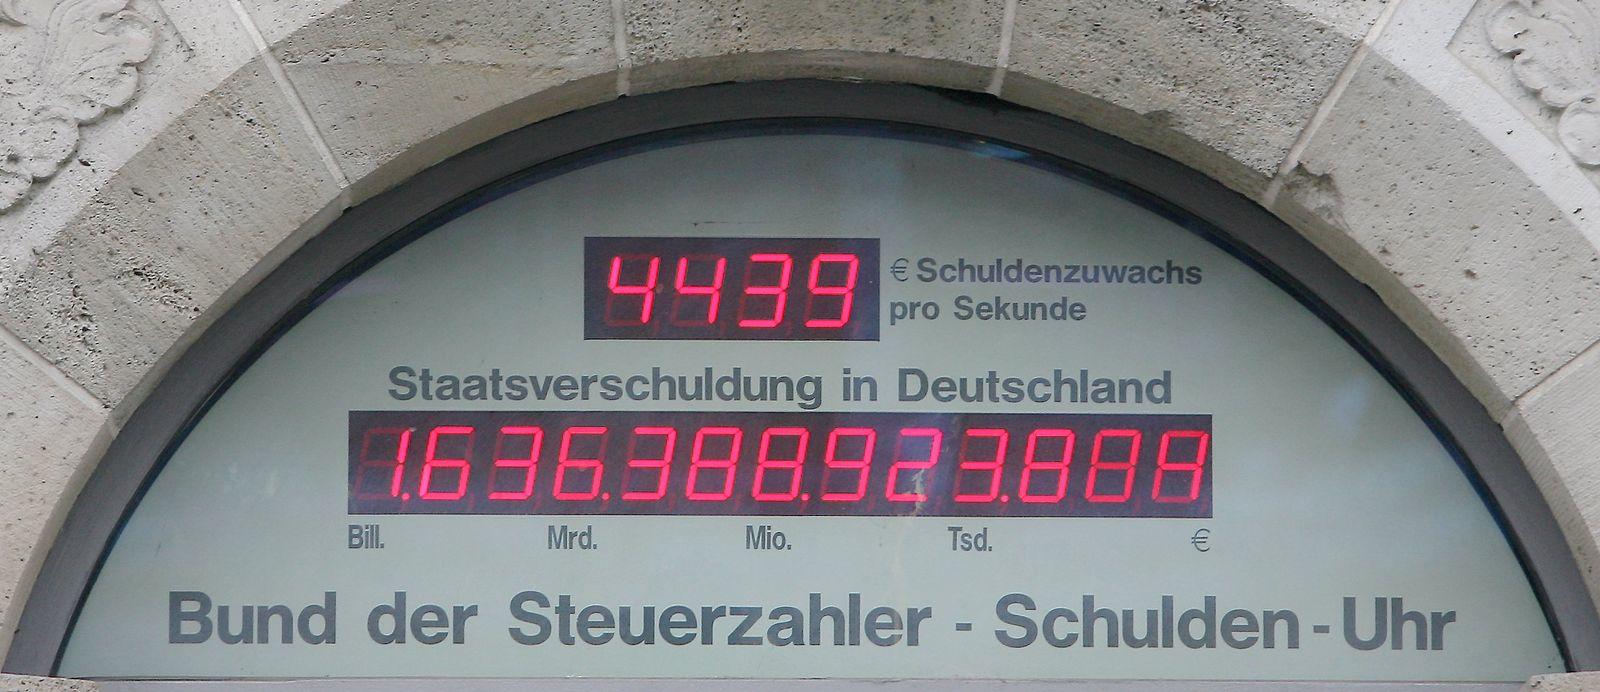 Schuldenuhr in Berlin